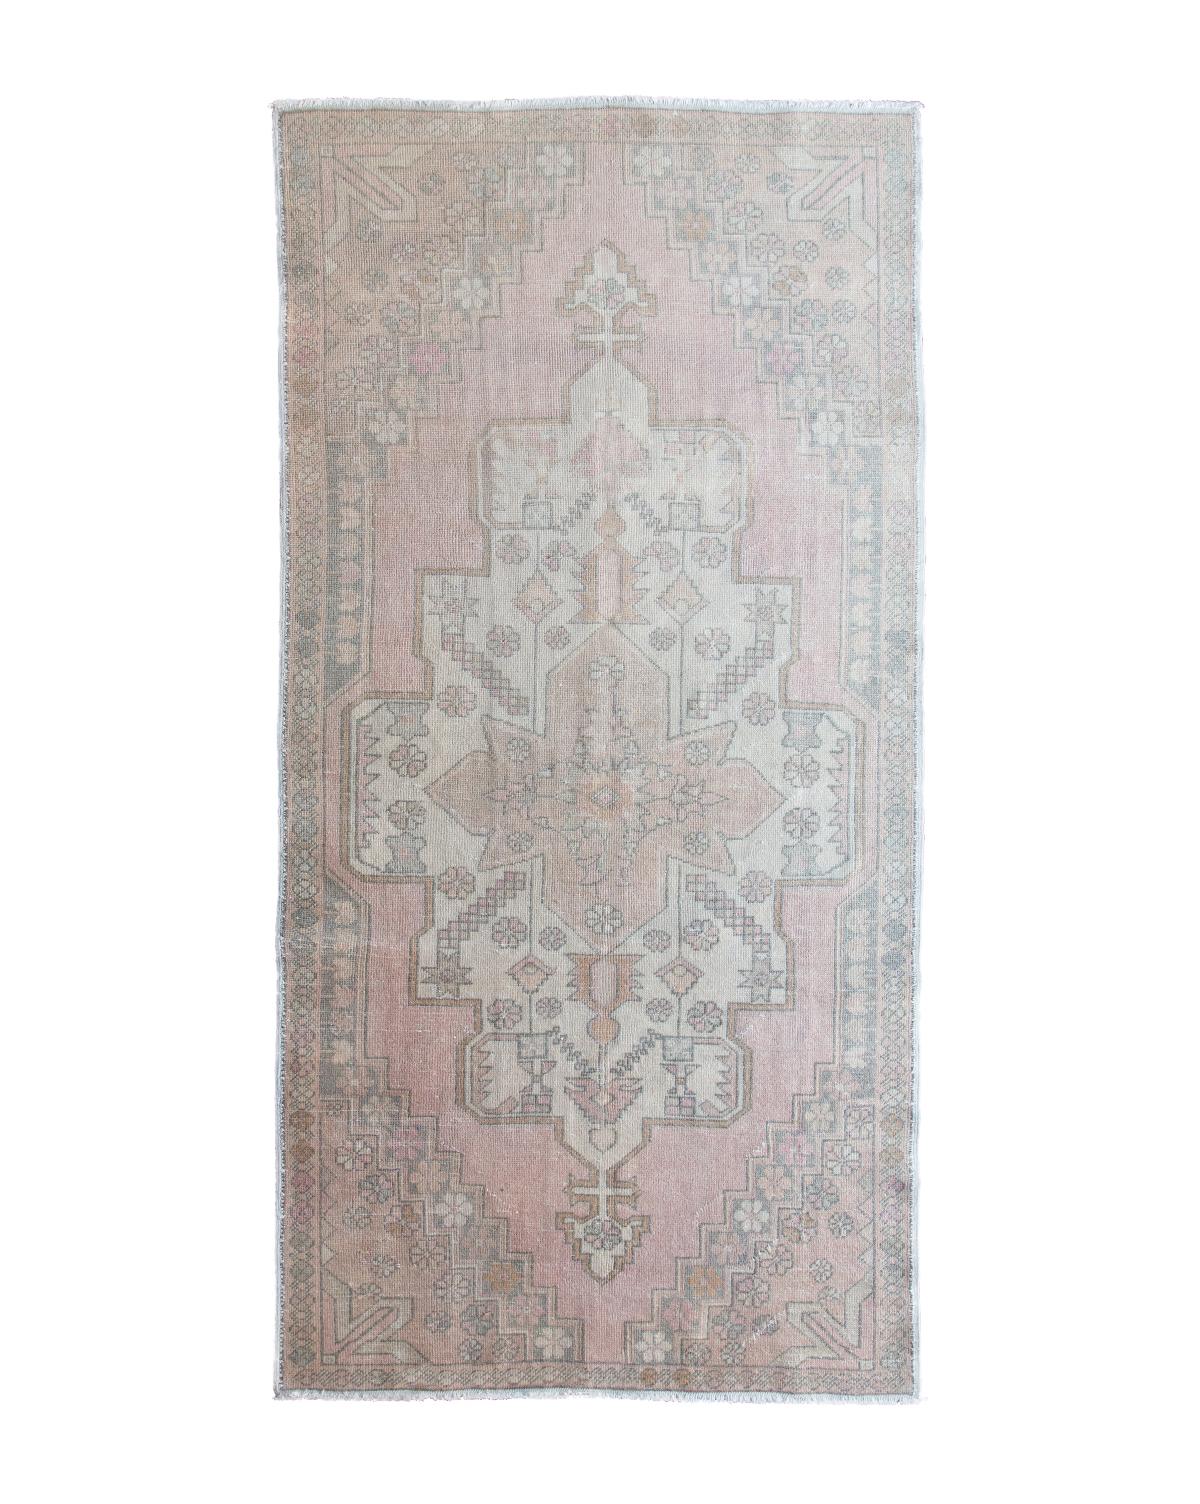 Vintage Rug No 68-1.jpg